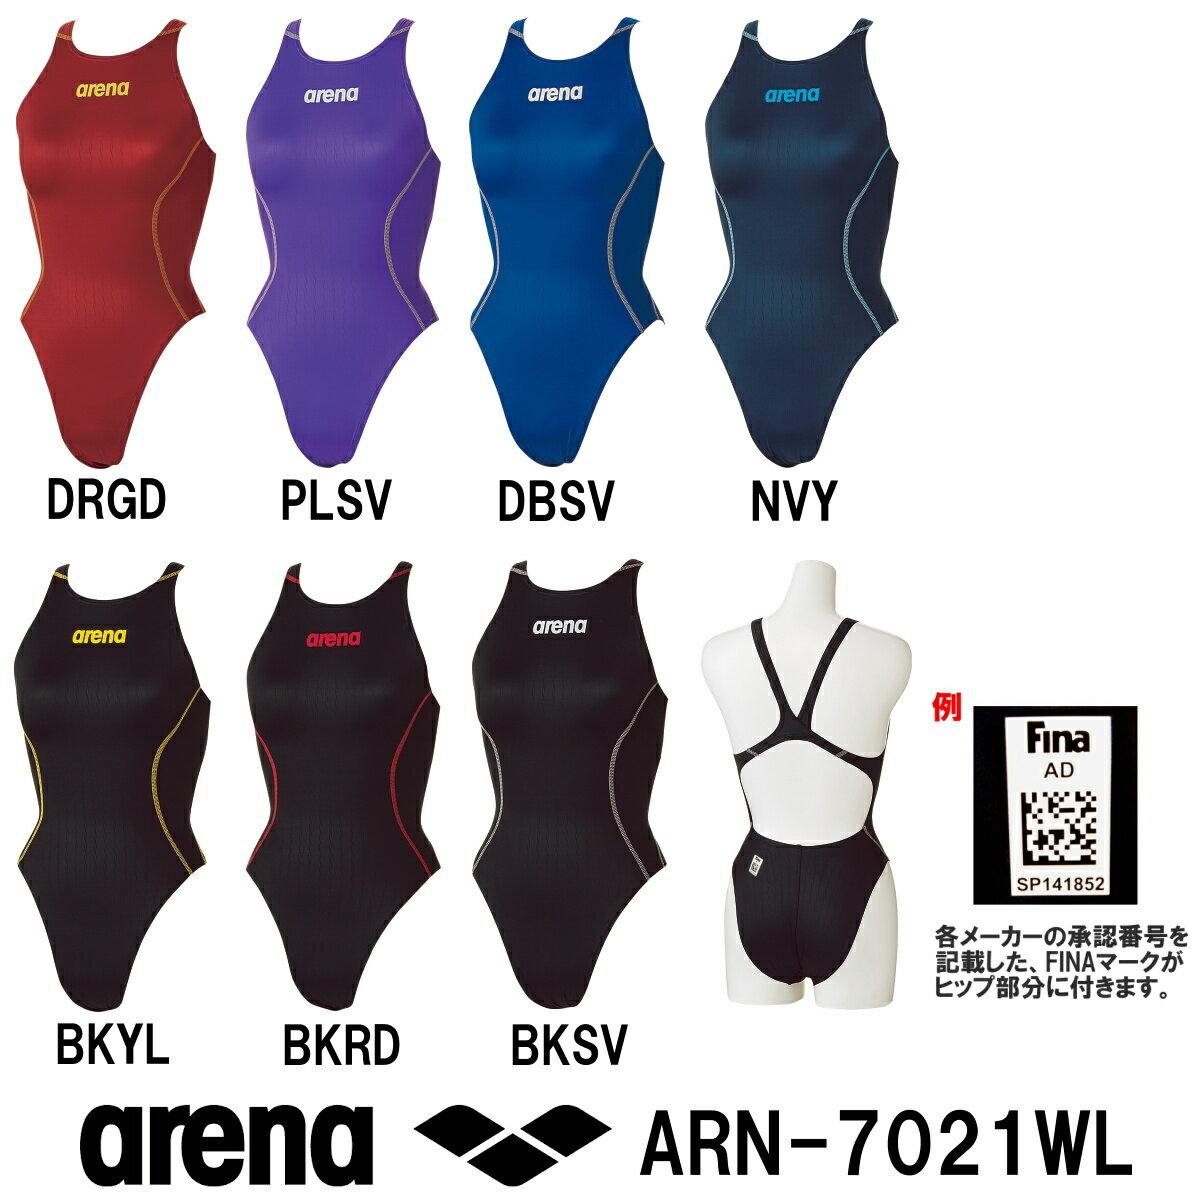 【ARN-7021WL】ARENA(アリーナ)